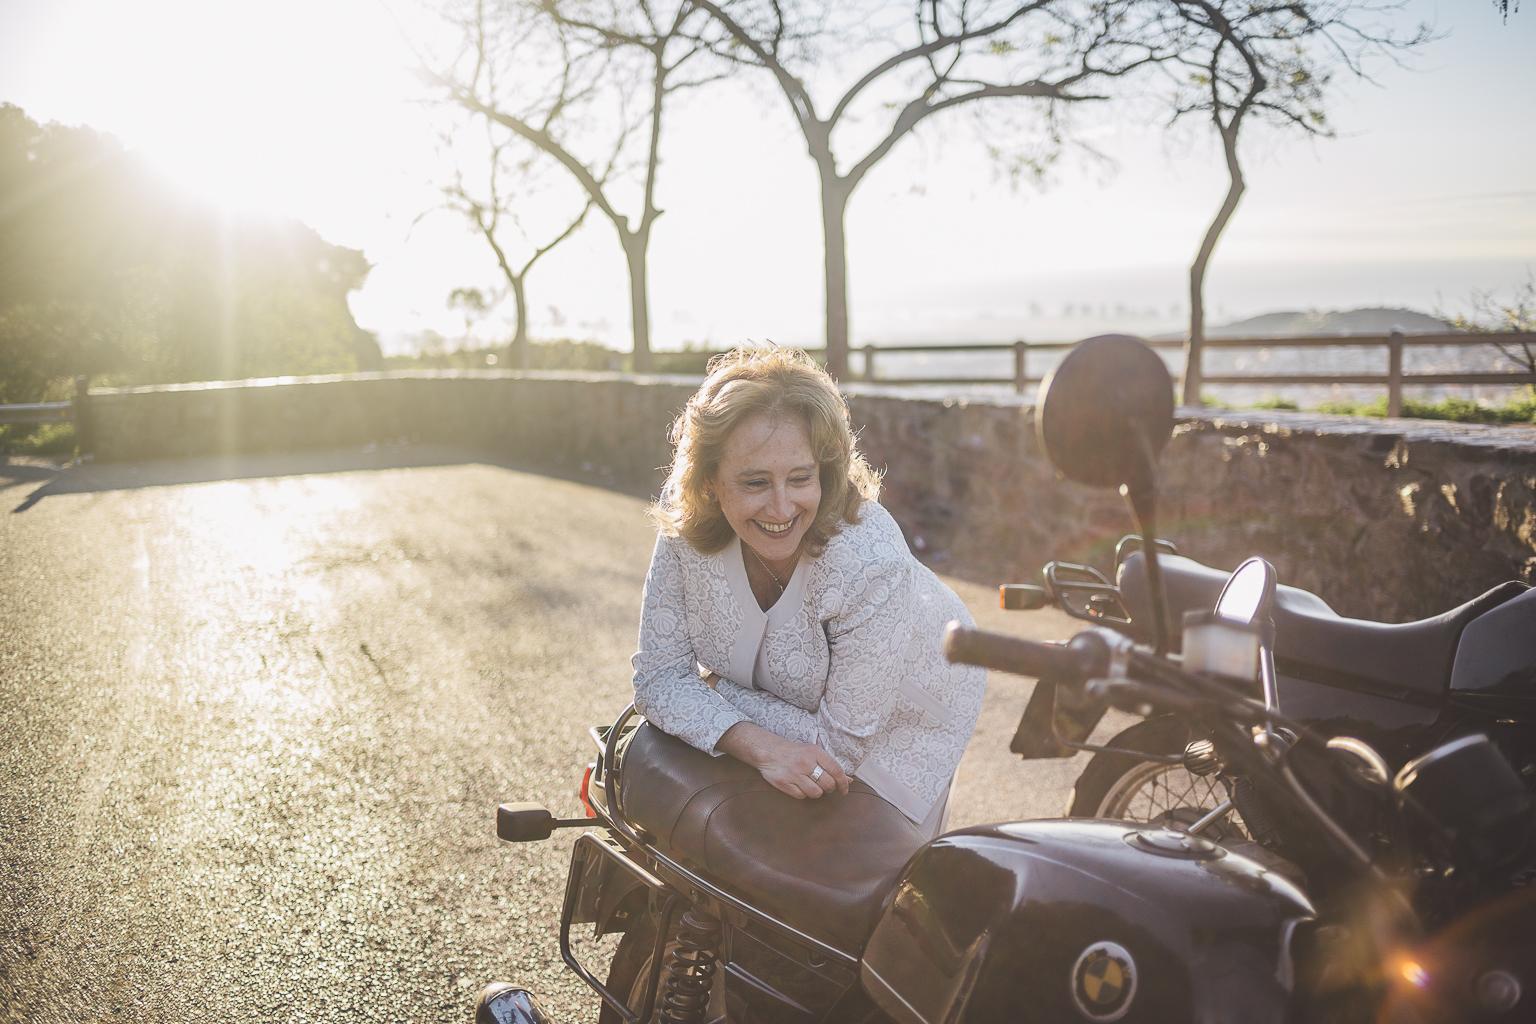 Fotógrafo de pareja Barcelona :: Postboda en el Tibidabo con motos :: Pareja motera :: Pareja tercera edad :: Postboda diferente :: Postboda en motos :: Mirador de l'arrabassada